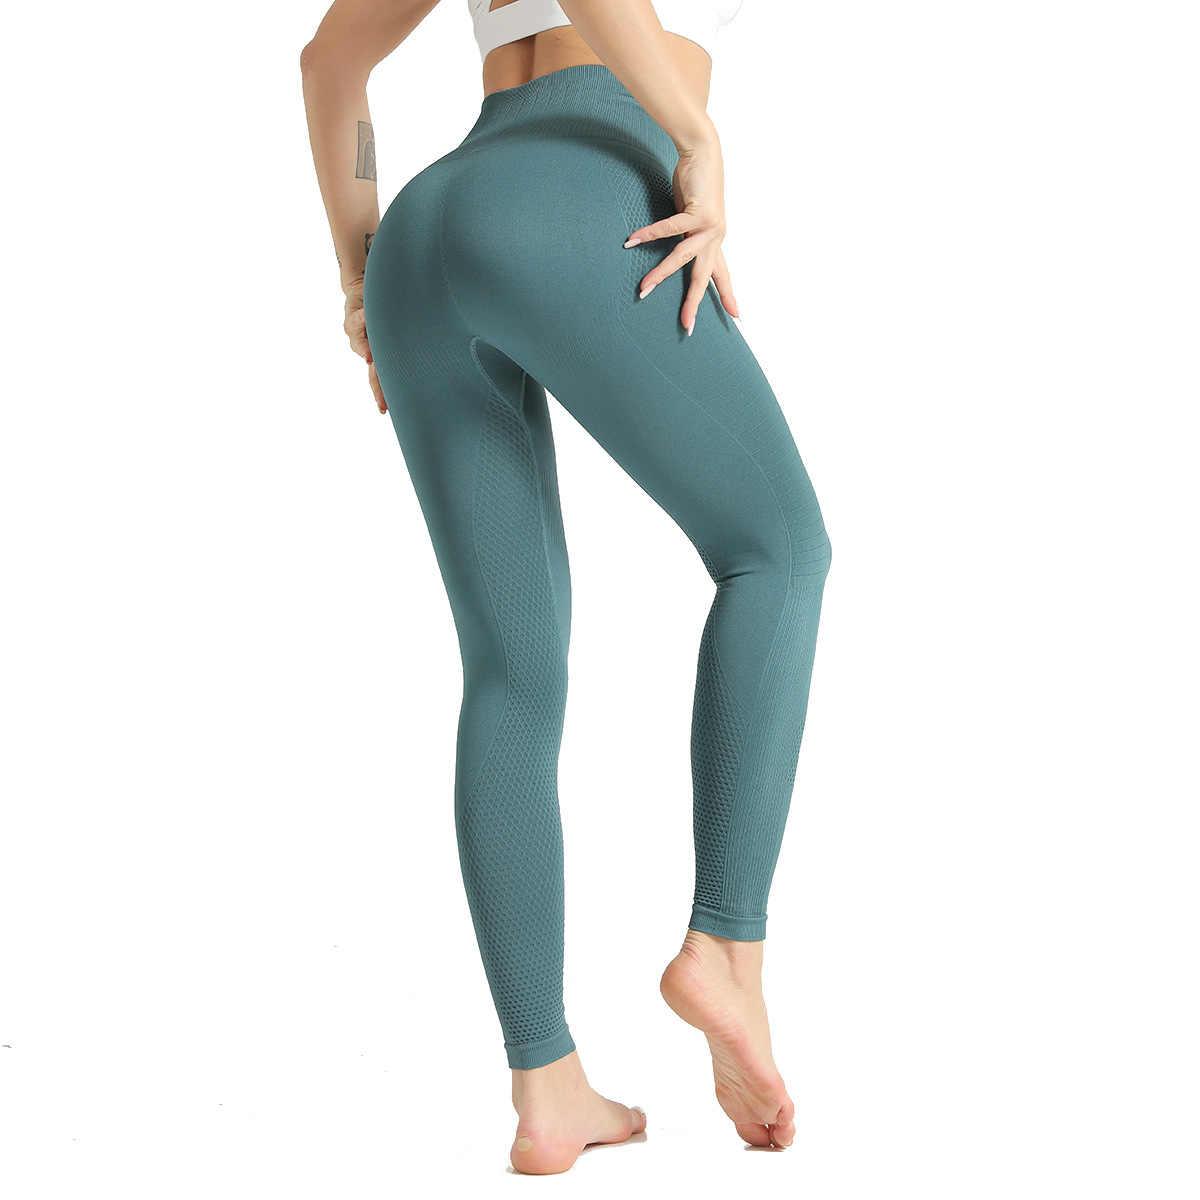 Mindstream, штаны для йоги, леггинсы для спорта, для женщин, для фитнеса, бесшовные леггинсы, для спортзала, для тренировок, спортивная одежда, леггинсы для бега, для женщин, Леггинсы для йоги